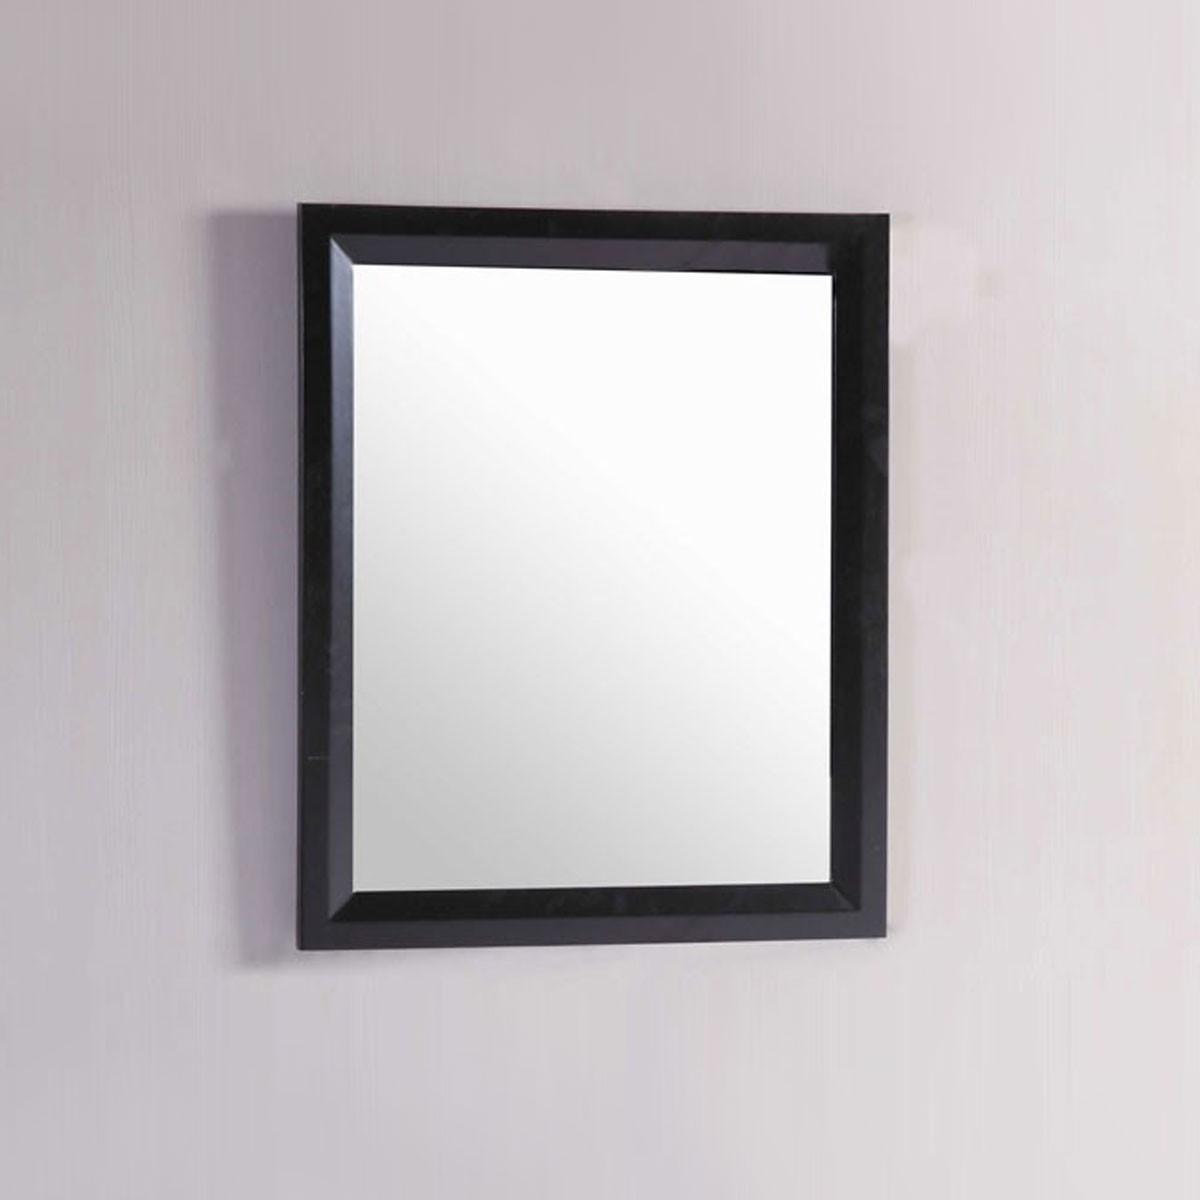 24 x 30 In. Bathroom Vanity Mirror (DK-T9150-30E-M)